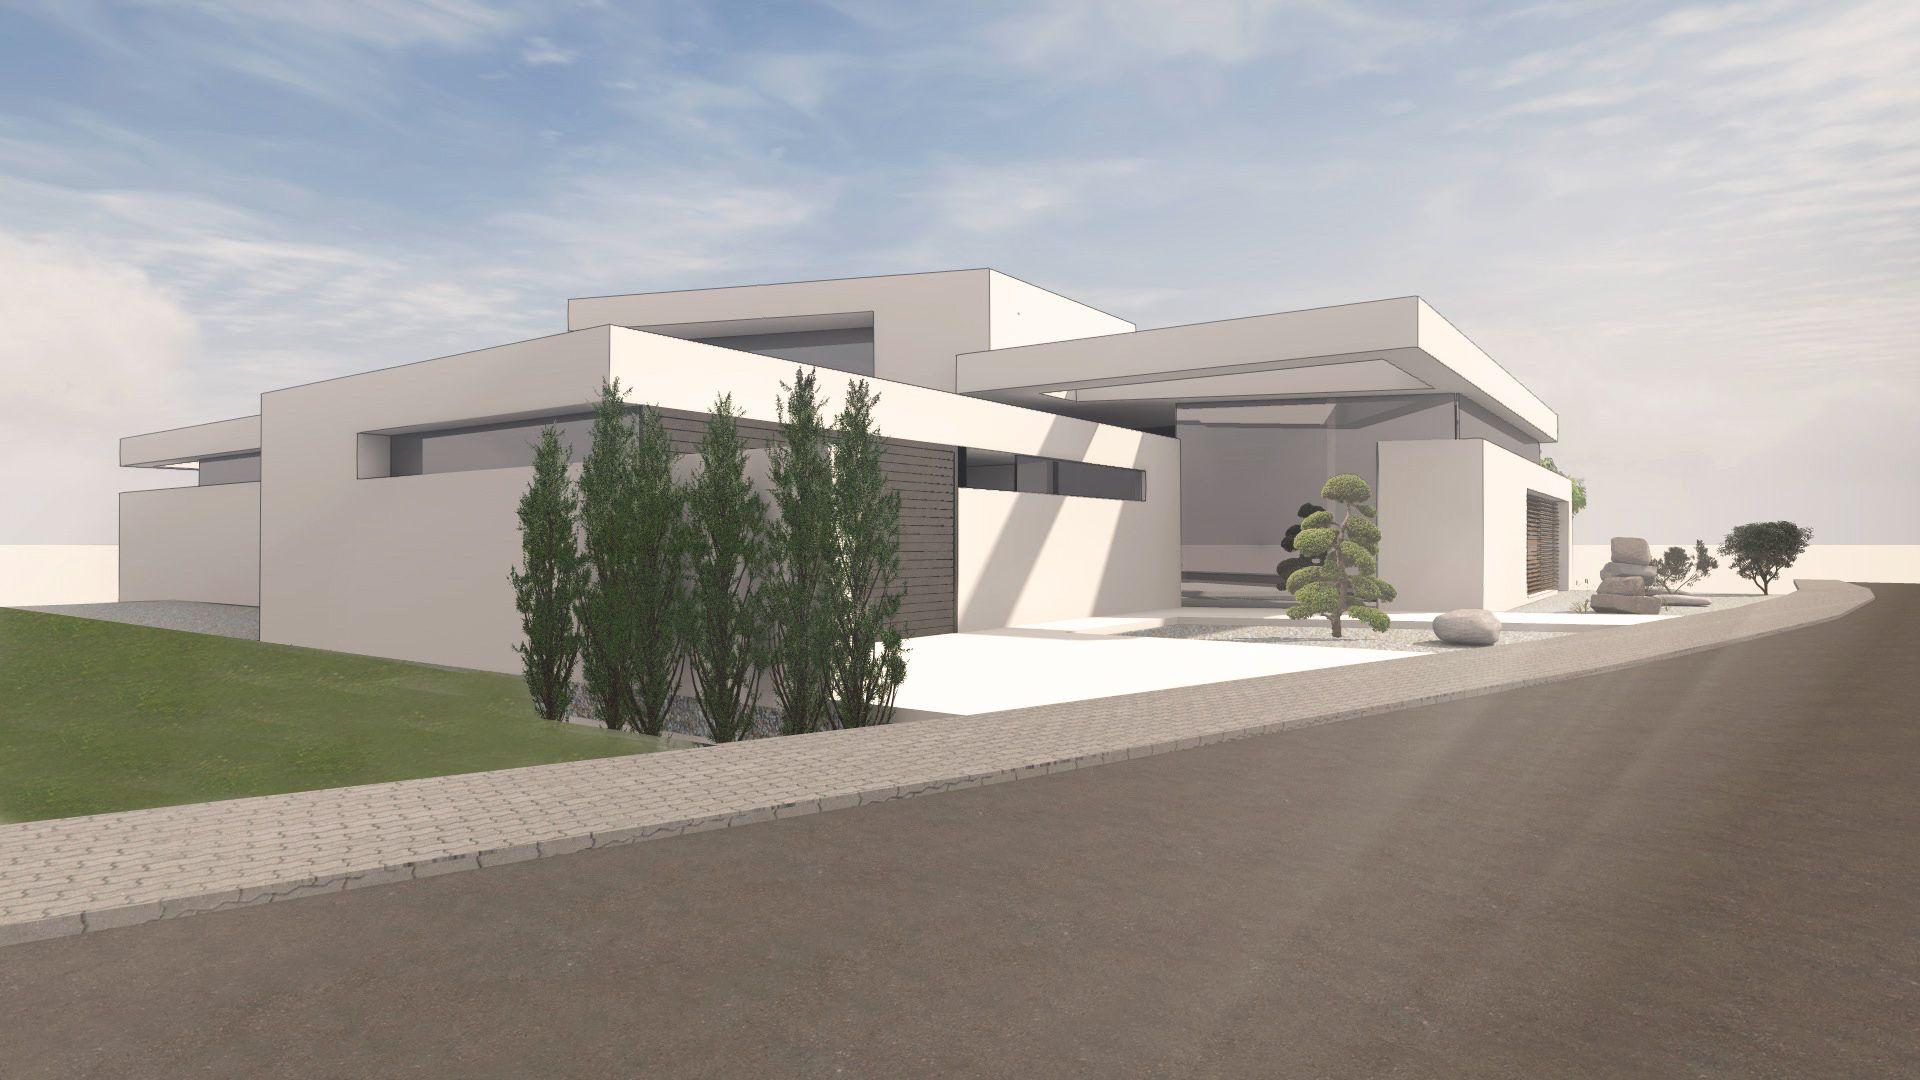 individuelles architektenhaus 1 5 geschossig in modernem design mit flachdach. Black Bedroom Furniture Sets. Home Design Ideas